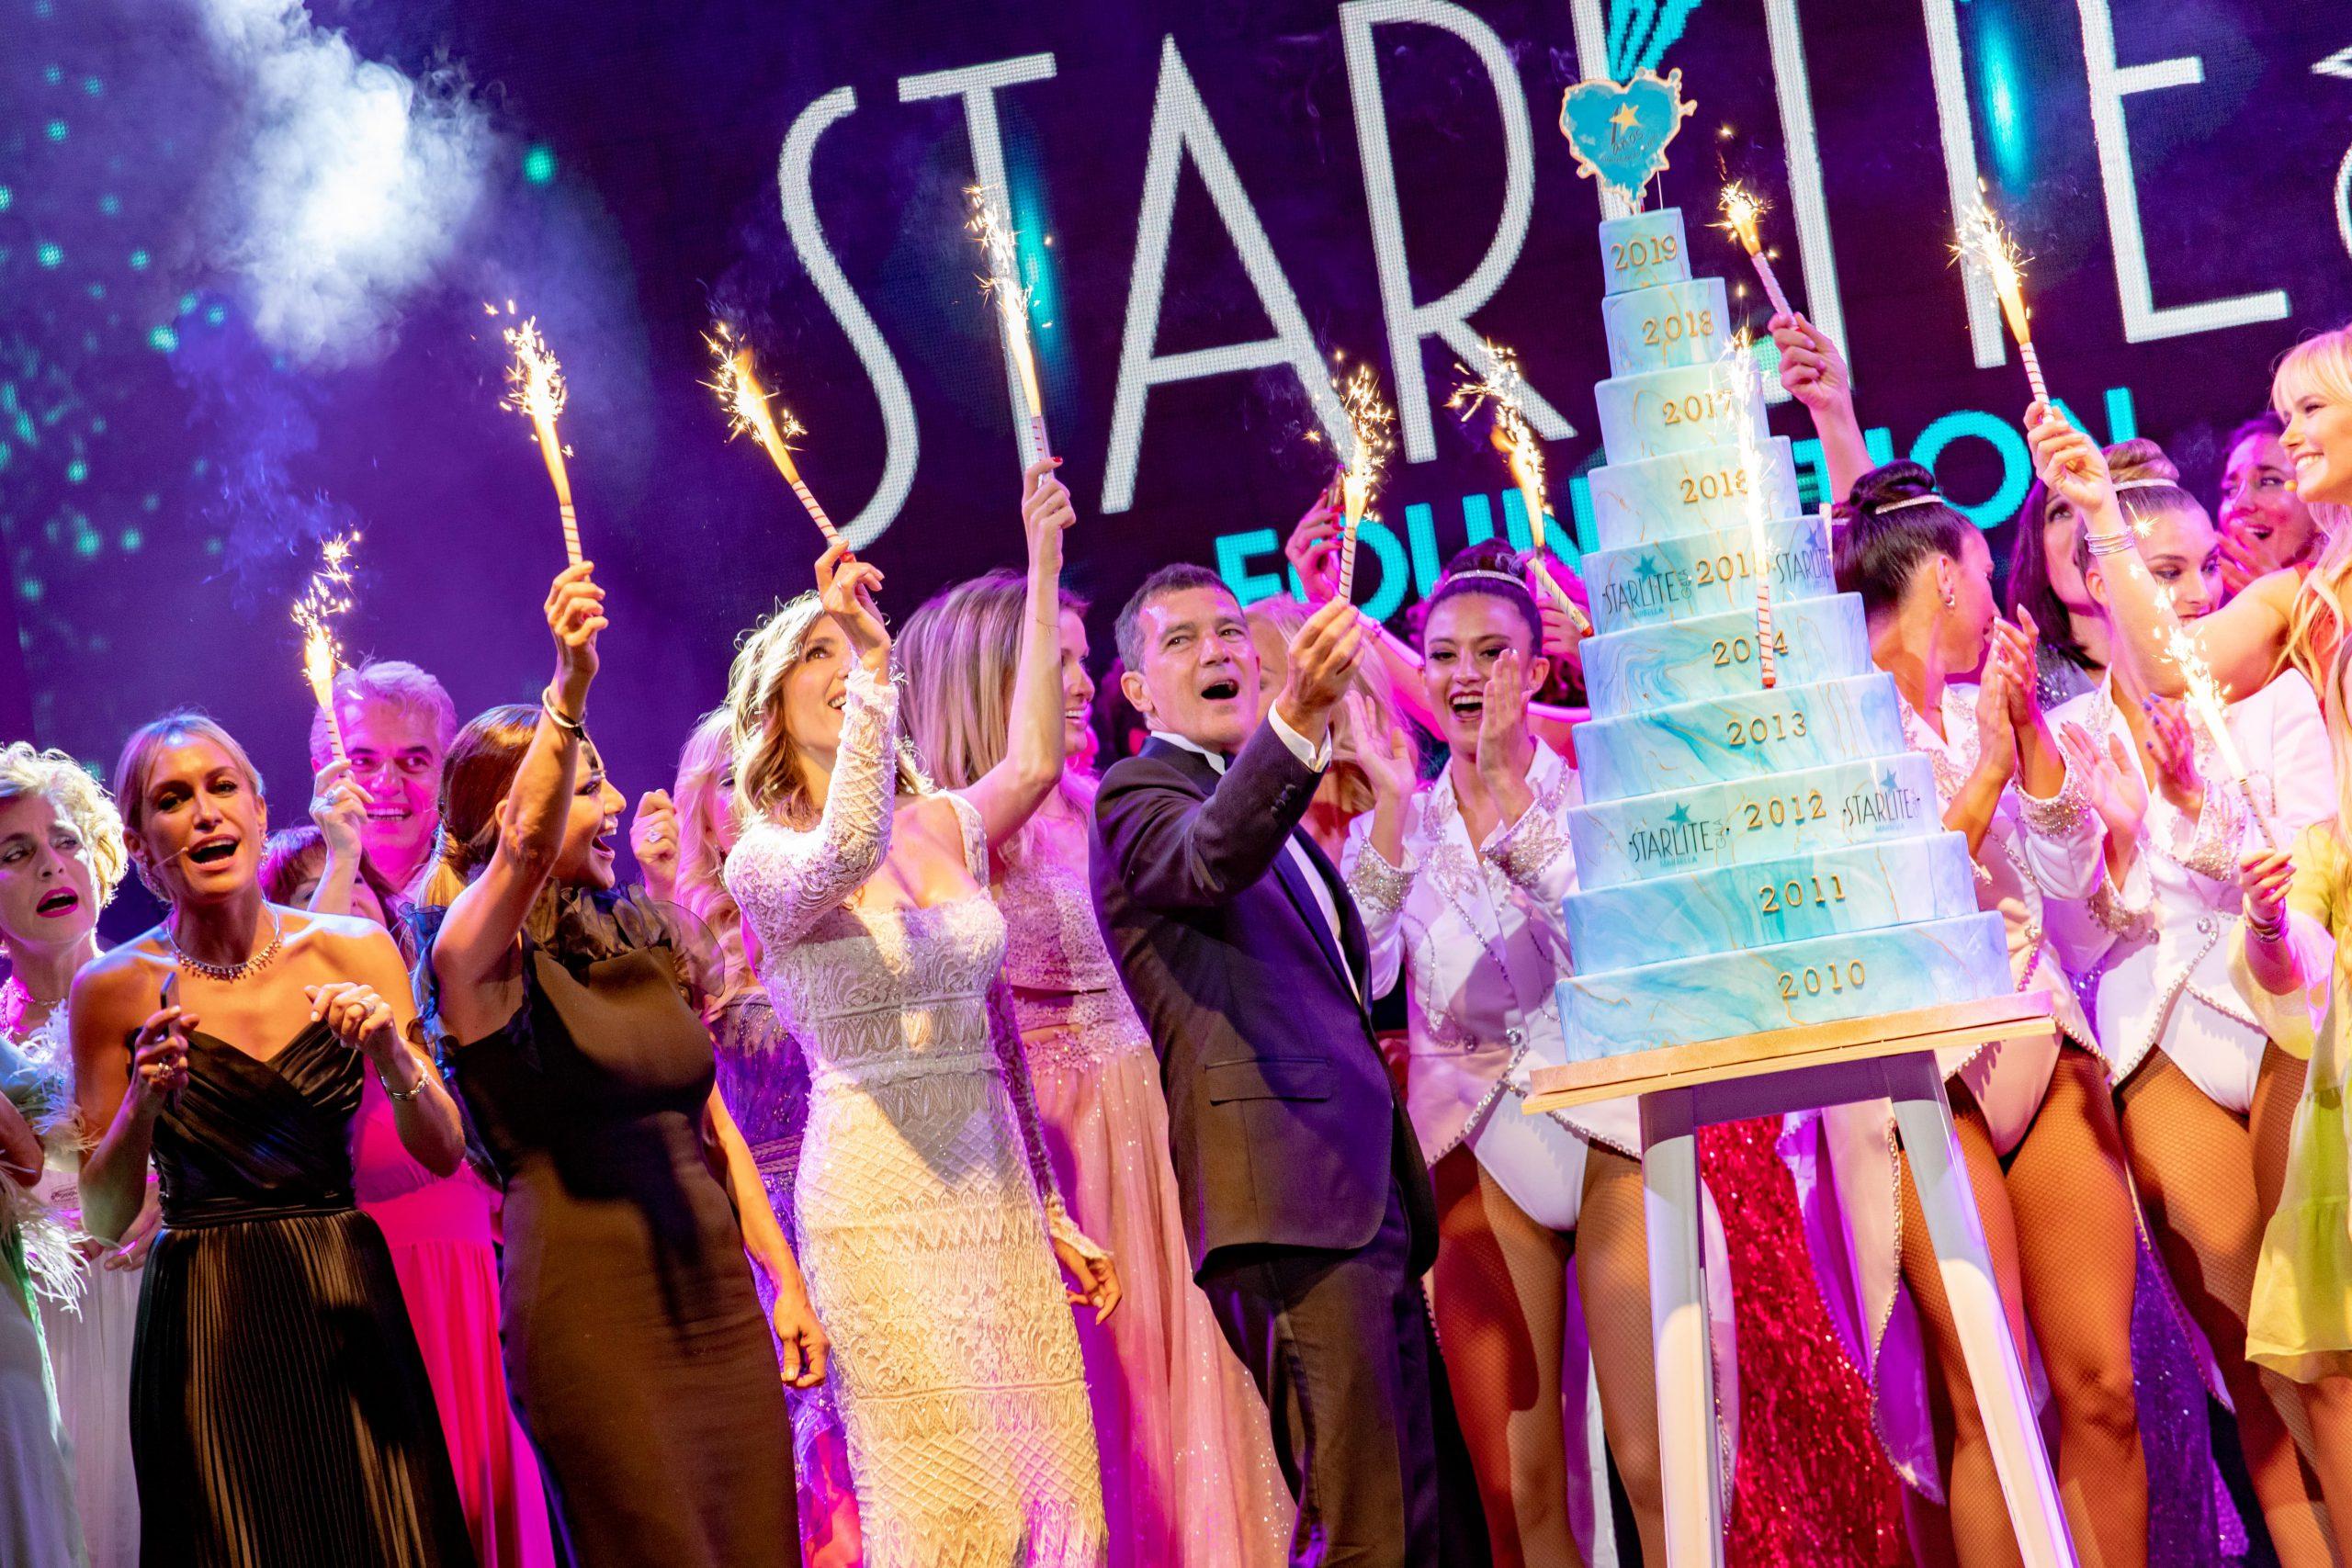 Starlite Gala 2019 bate el récord de recaudación en su 10º aniversario